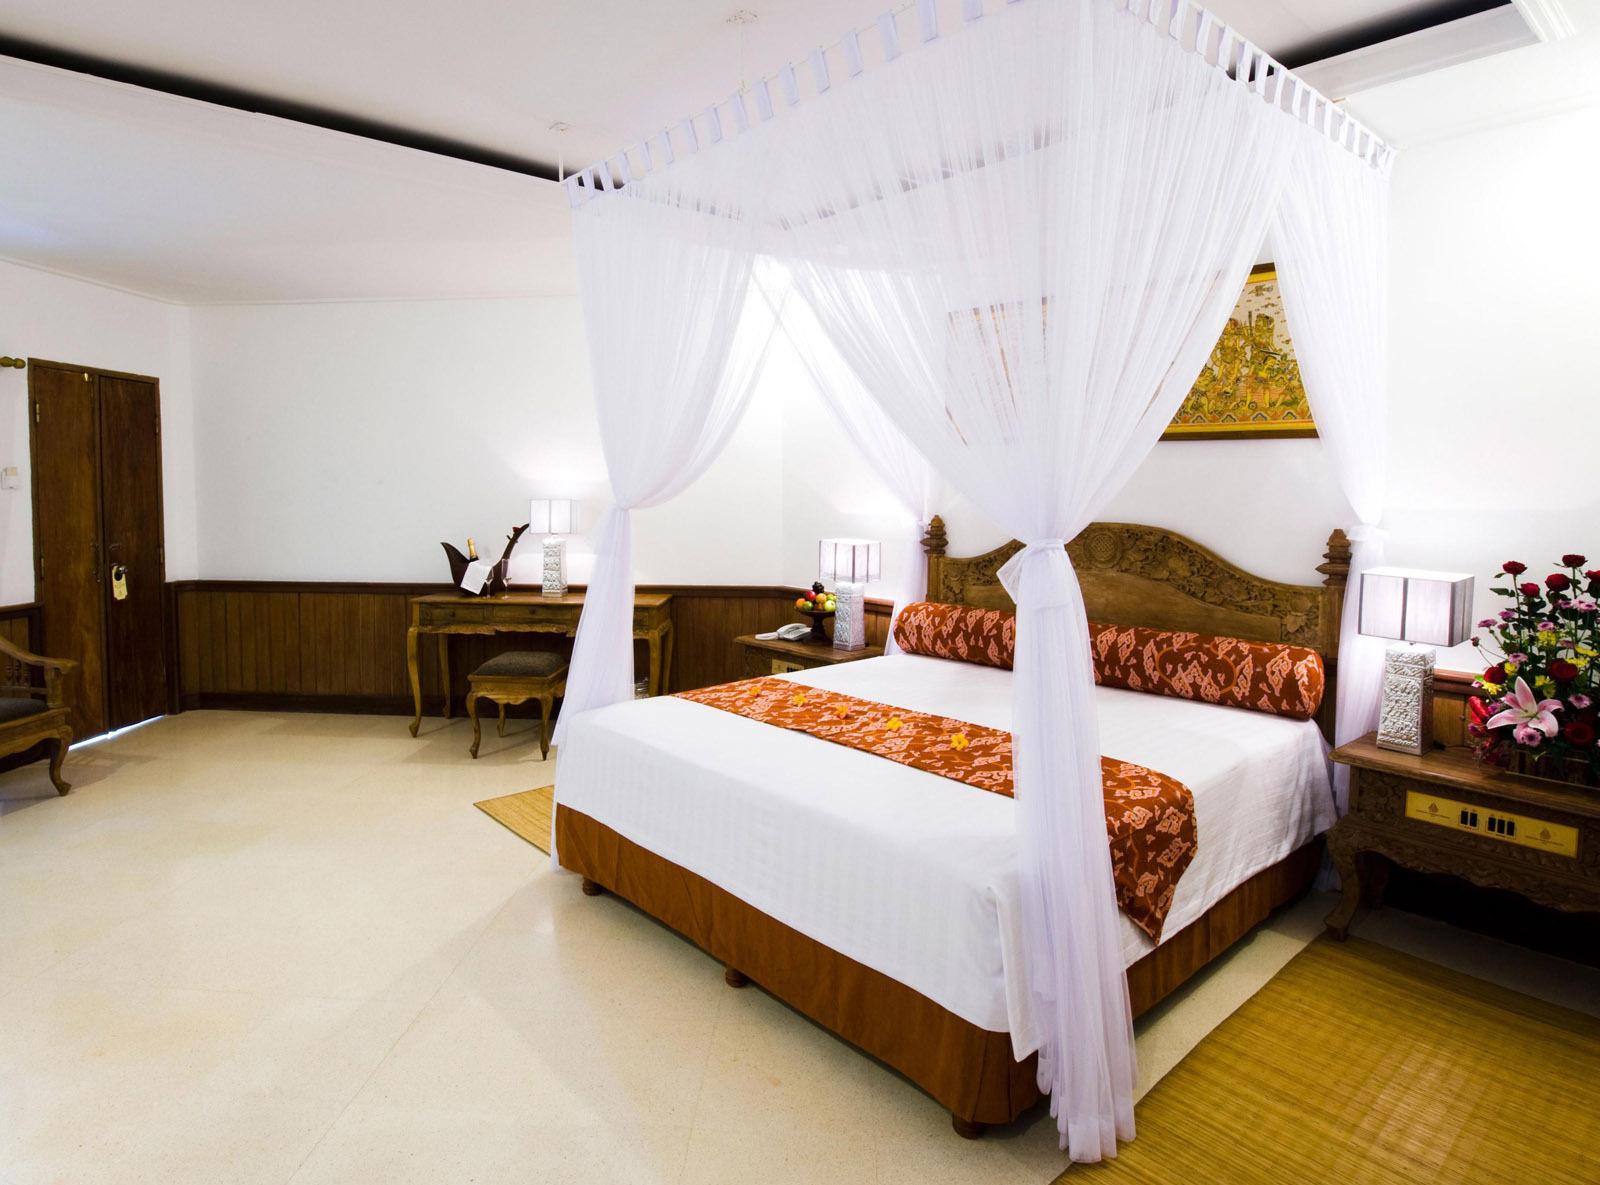 Transparent vit baldakin ovanför sängen, fäst i taket